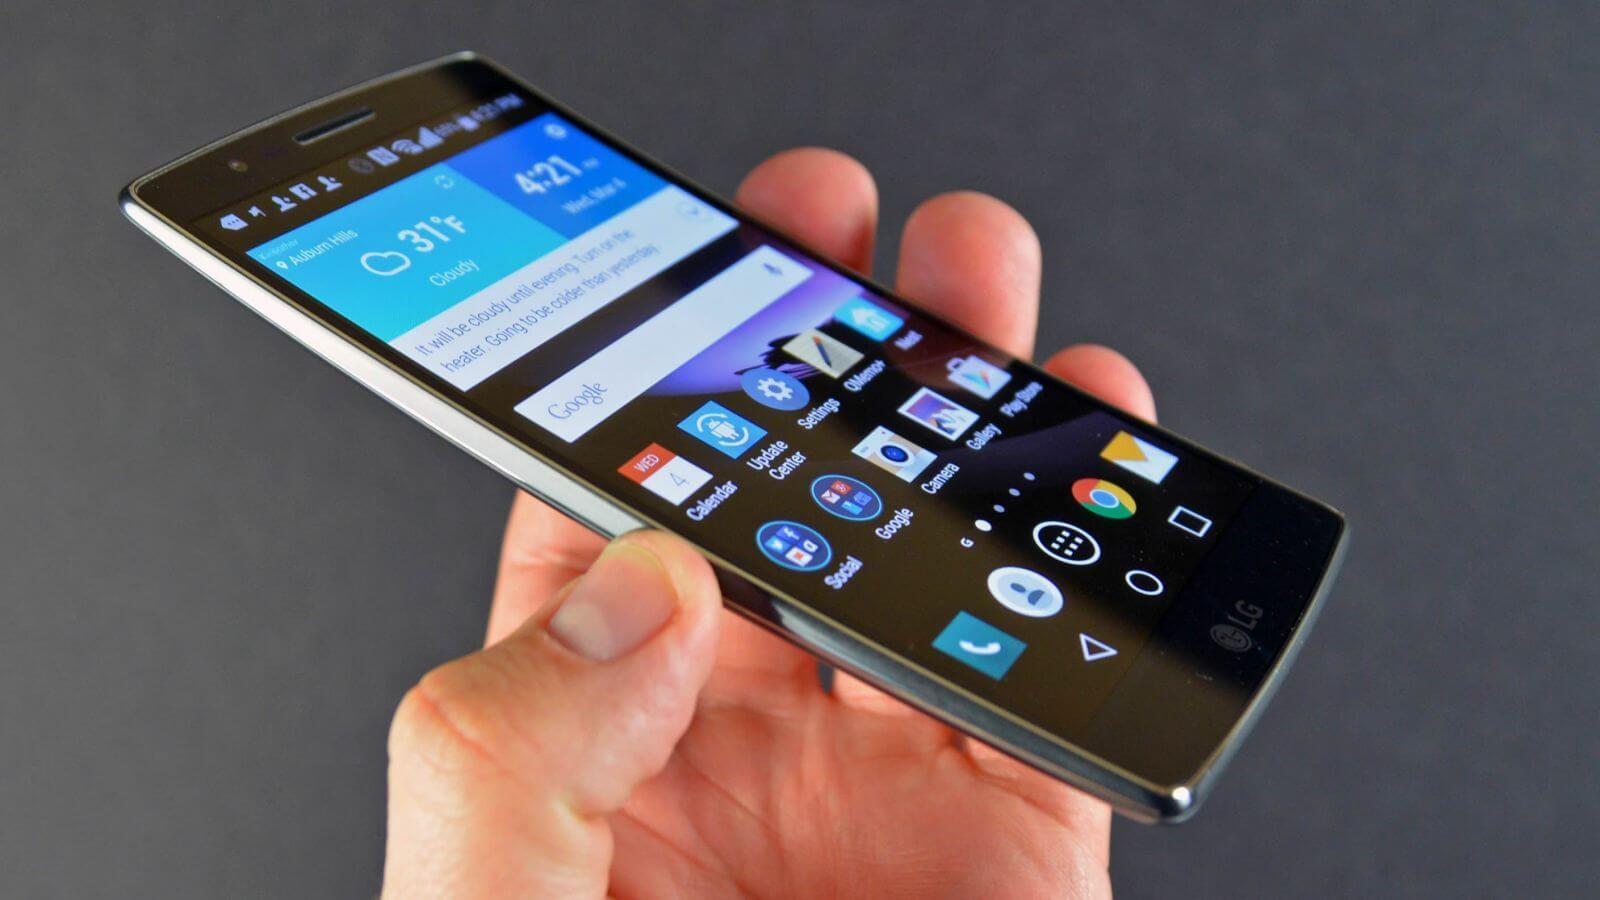 Chiếc điện thoại dưới 2 triệu cũng đáp ứng đầy đủ chức năng cho người dùng